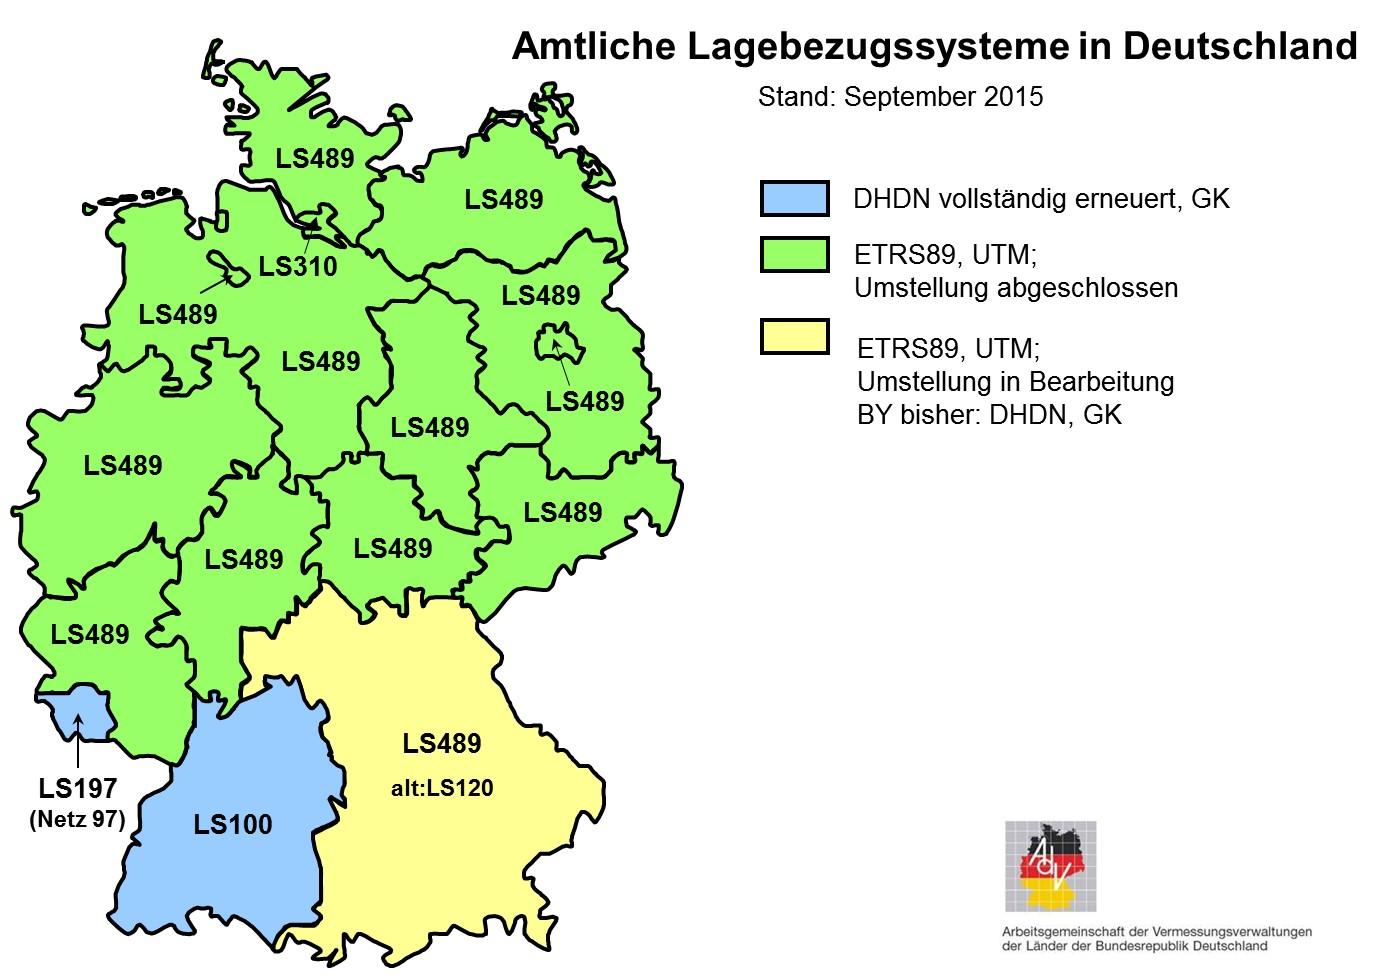 Amtliche Lagebezugssysteme Umstellung auf ETRS89/UTM Tranforamtion Geodaten